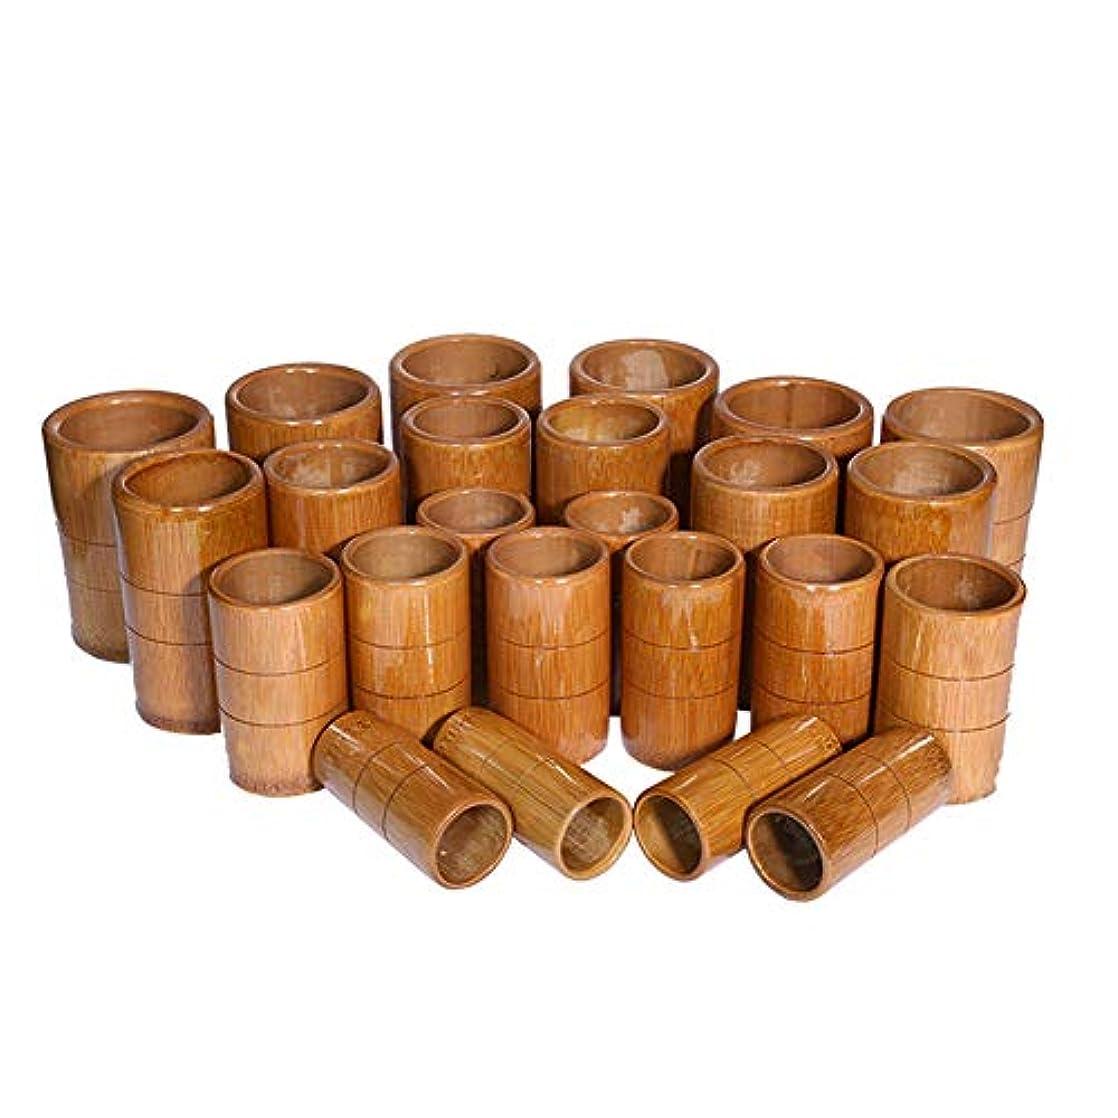 破産散文溶けるカッピング竹療法セットマッサージ真空カップキット - 炭缶鍼灸医療吸引セット,A10pcs